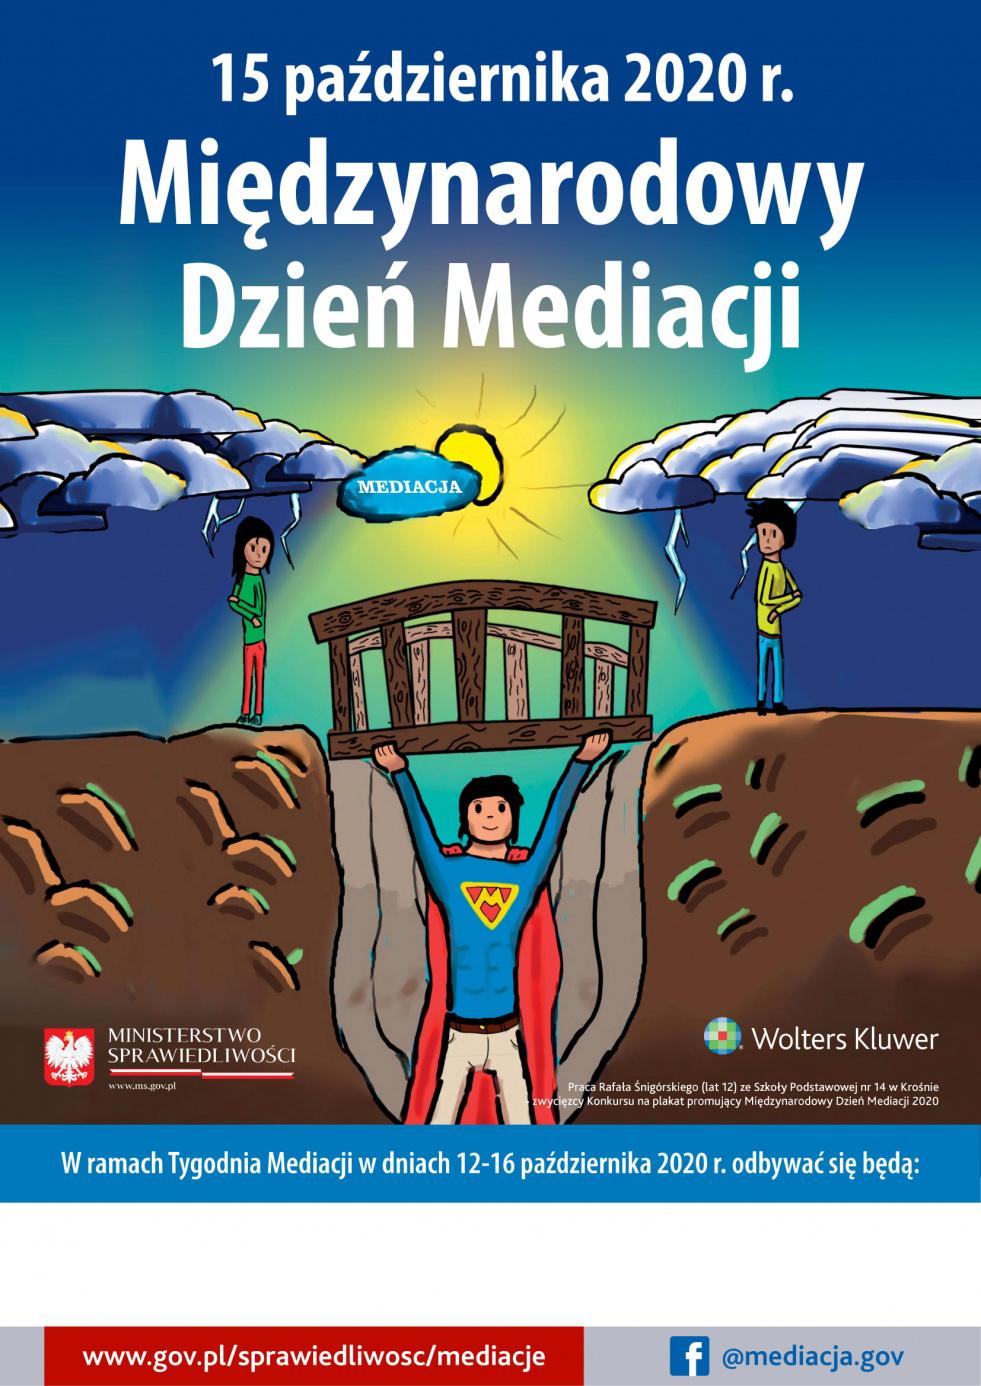 Międzynarodowy Dzień Mediacji